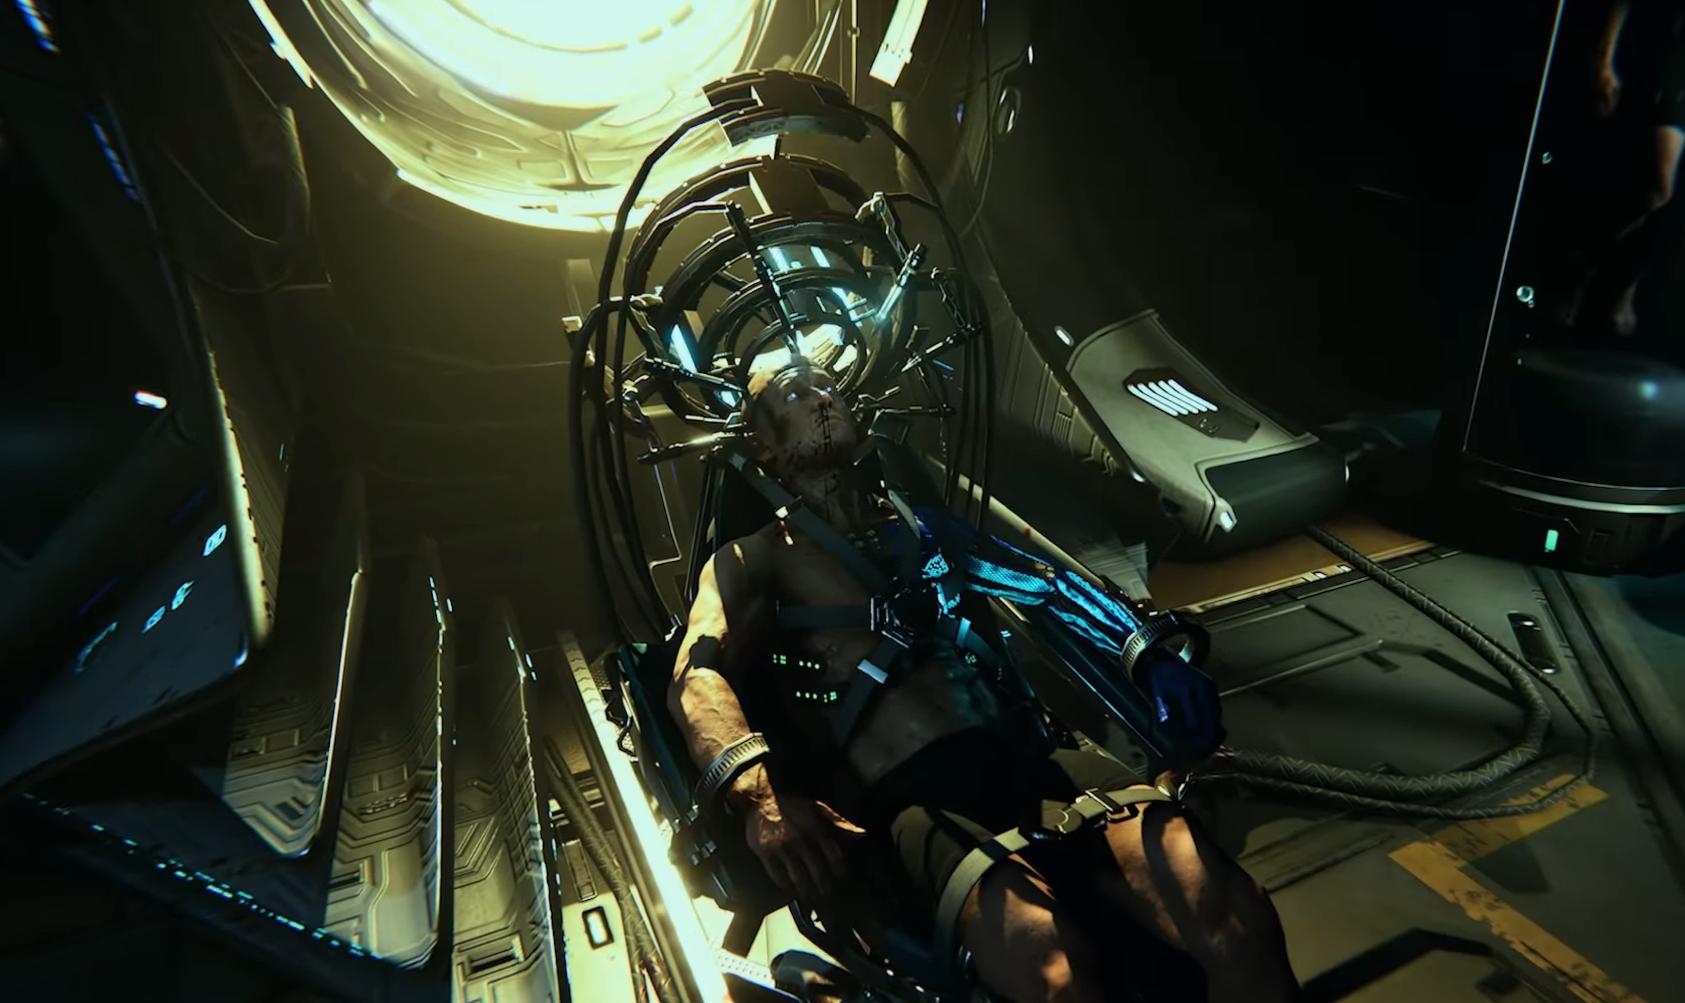 Инсайдер: System Shock 3 осталась без разработчиков ифинансирования